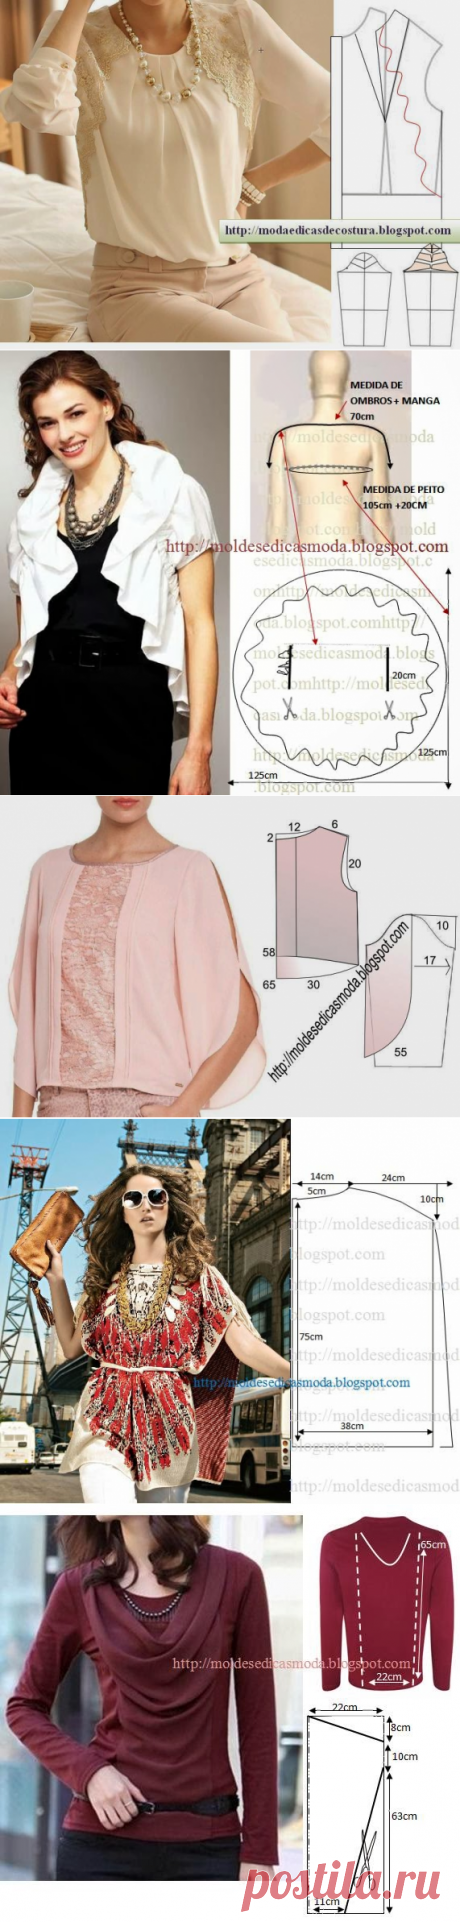 Блузки и выкройки к ним. будьте модными!